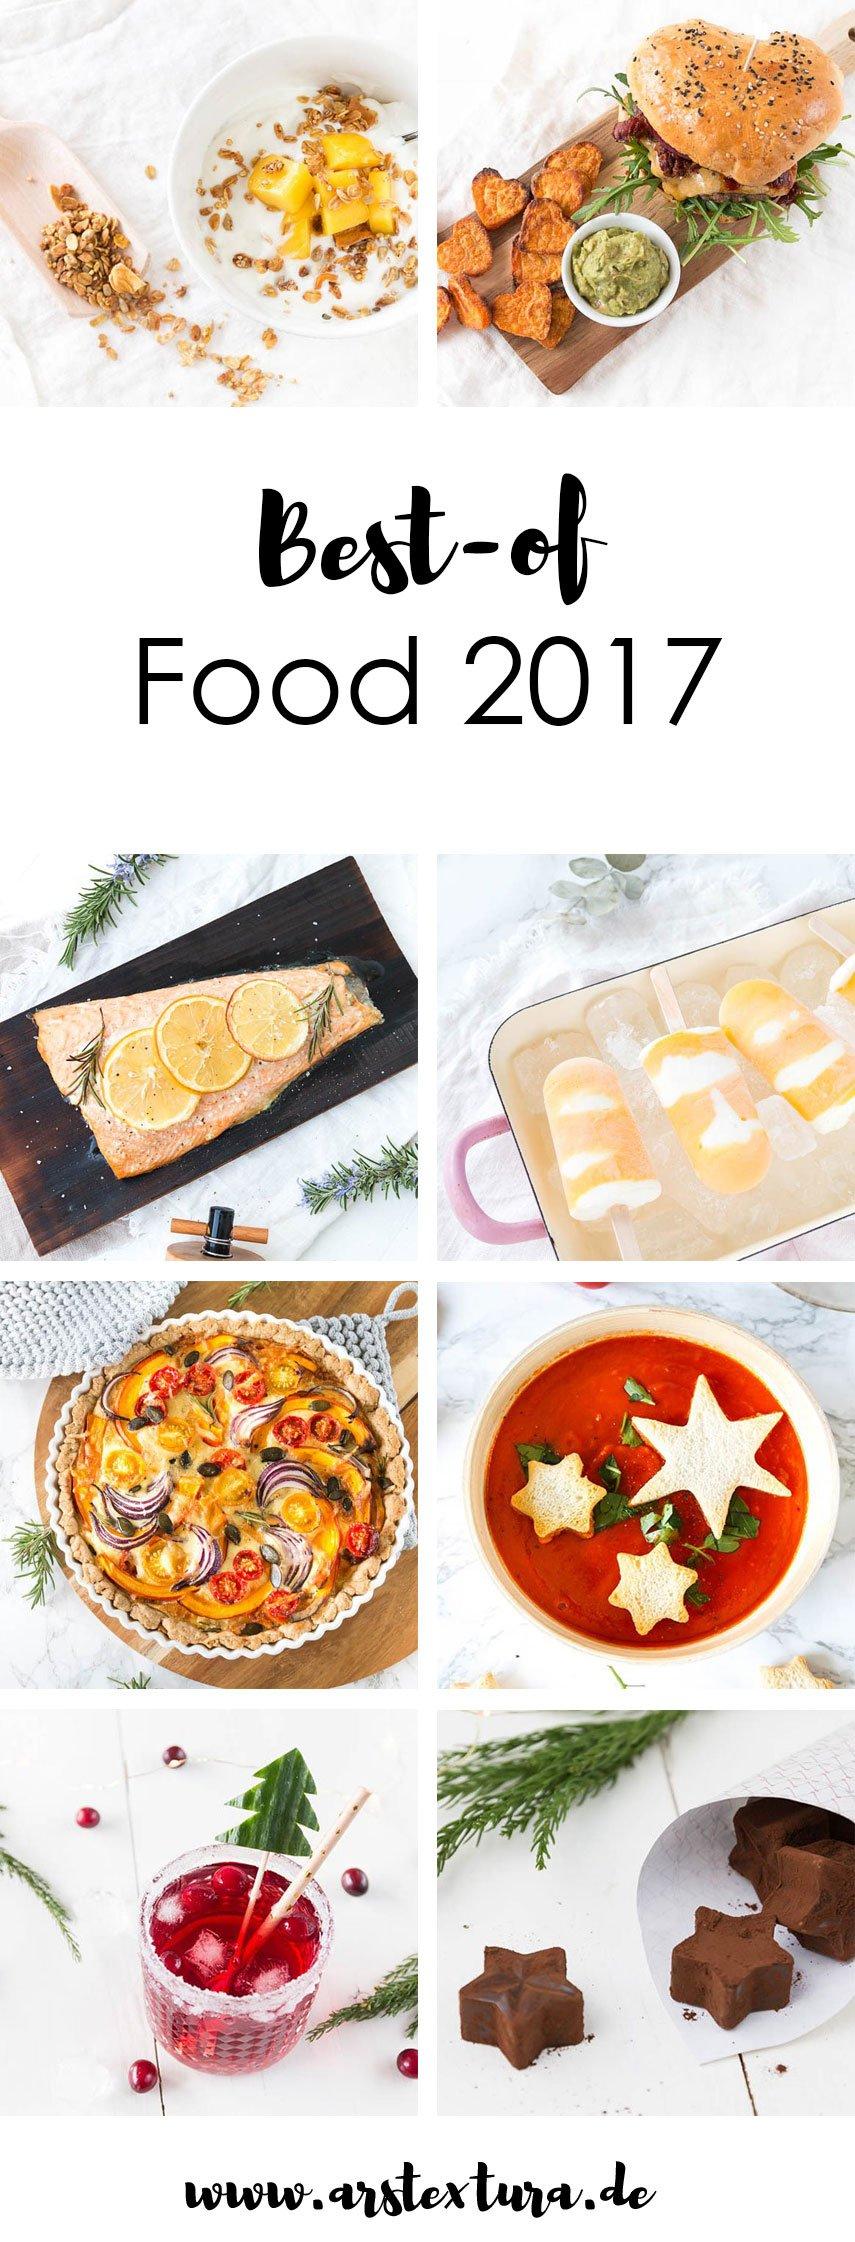 Best-of Food 2017 - die leckersten Rezepte und DIY Geschenke aus der Küche. Ob leckeres Granola zu Frühstück, einem Burger zum Valentinstag, Eis im Sommer oder leckere Weihnachtsgerichte - hier findet ihr sicher ein leckeres Rezept   ars textura - Foodblog